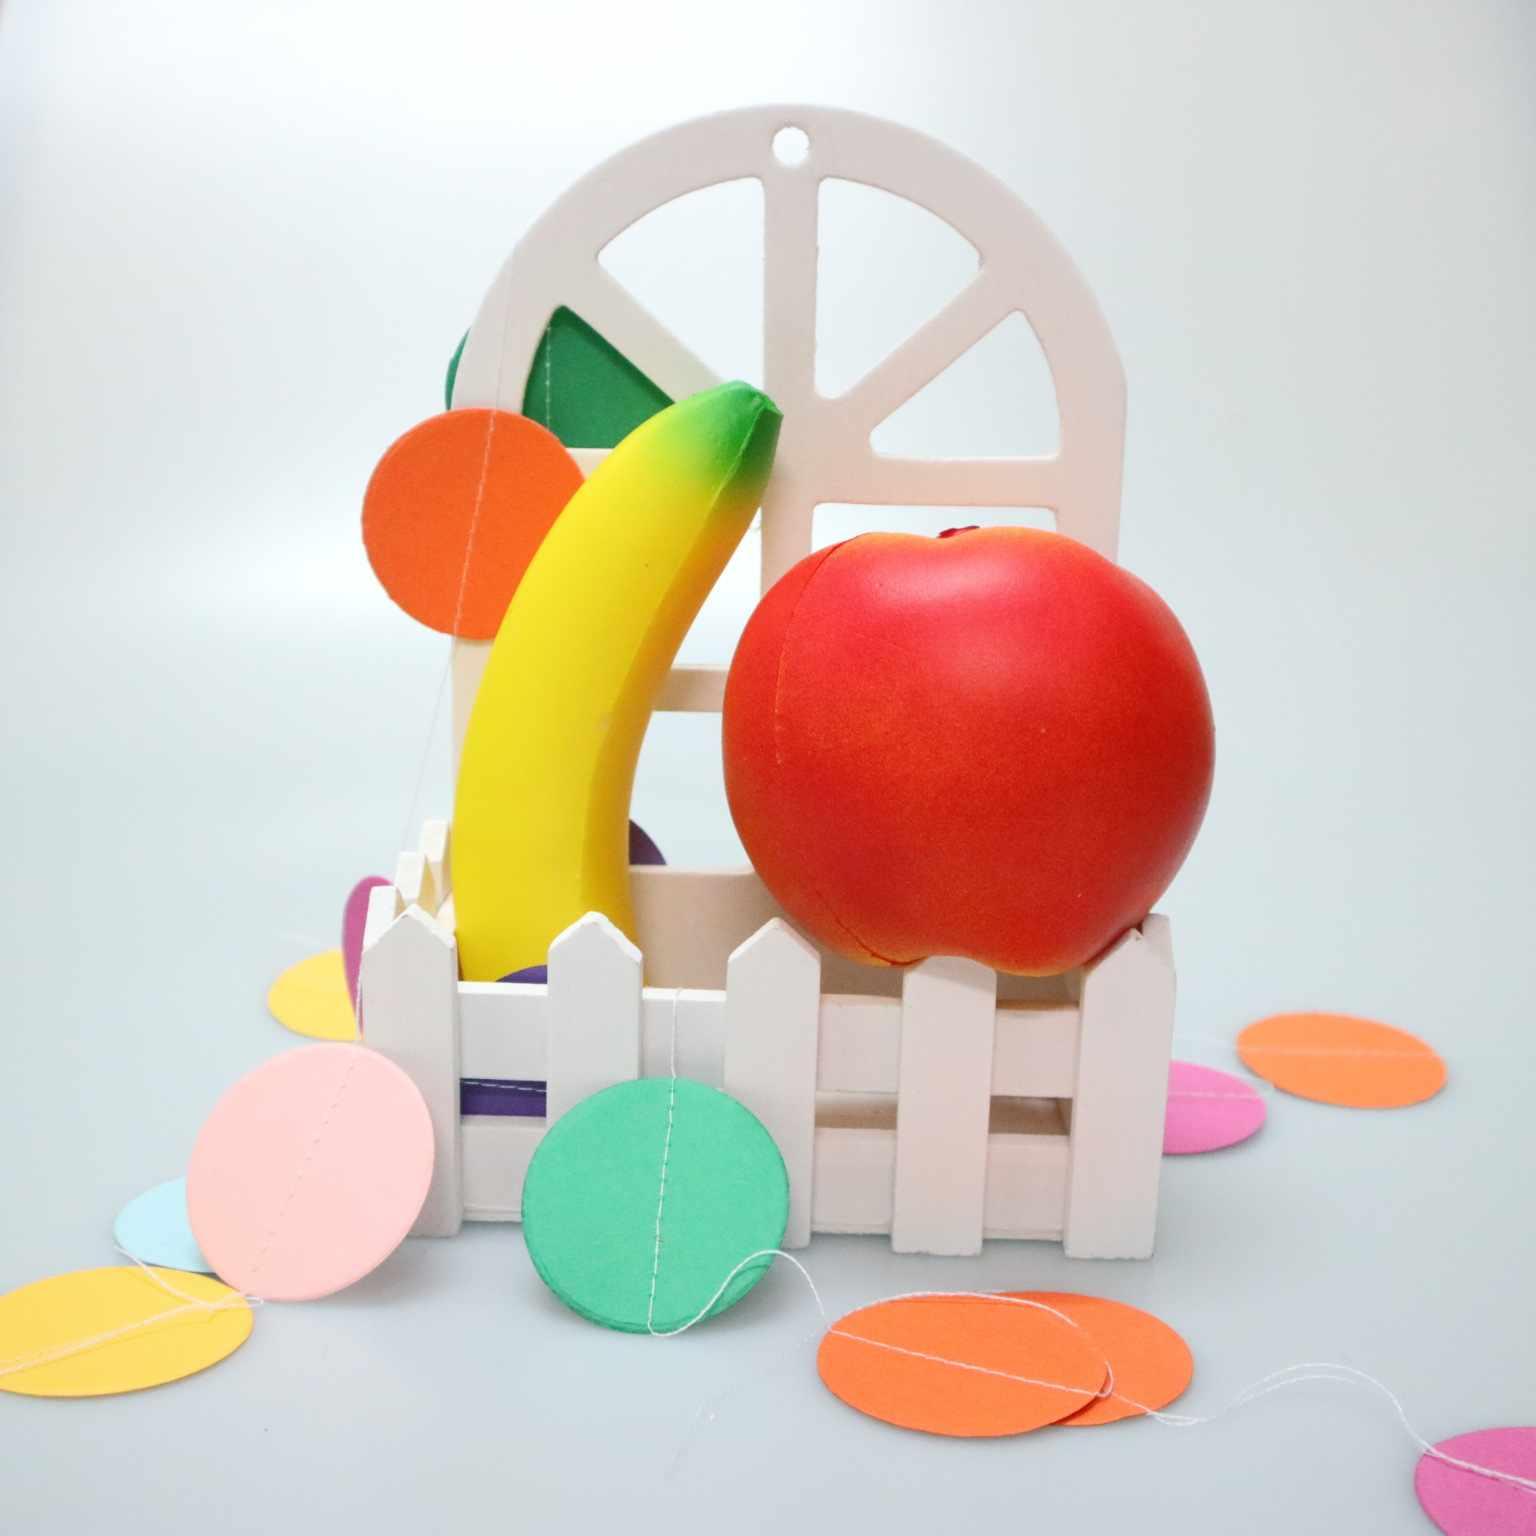 Série de frutas Squishy Lento Crescimento Anti-Stress Brinquedos Lento Nascente Creme Perfumado Mole Squishies Espremer Brinquedos Novidade Crianças Presentes